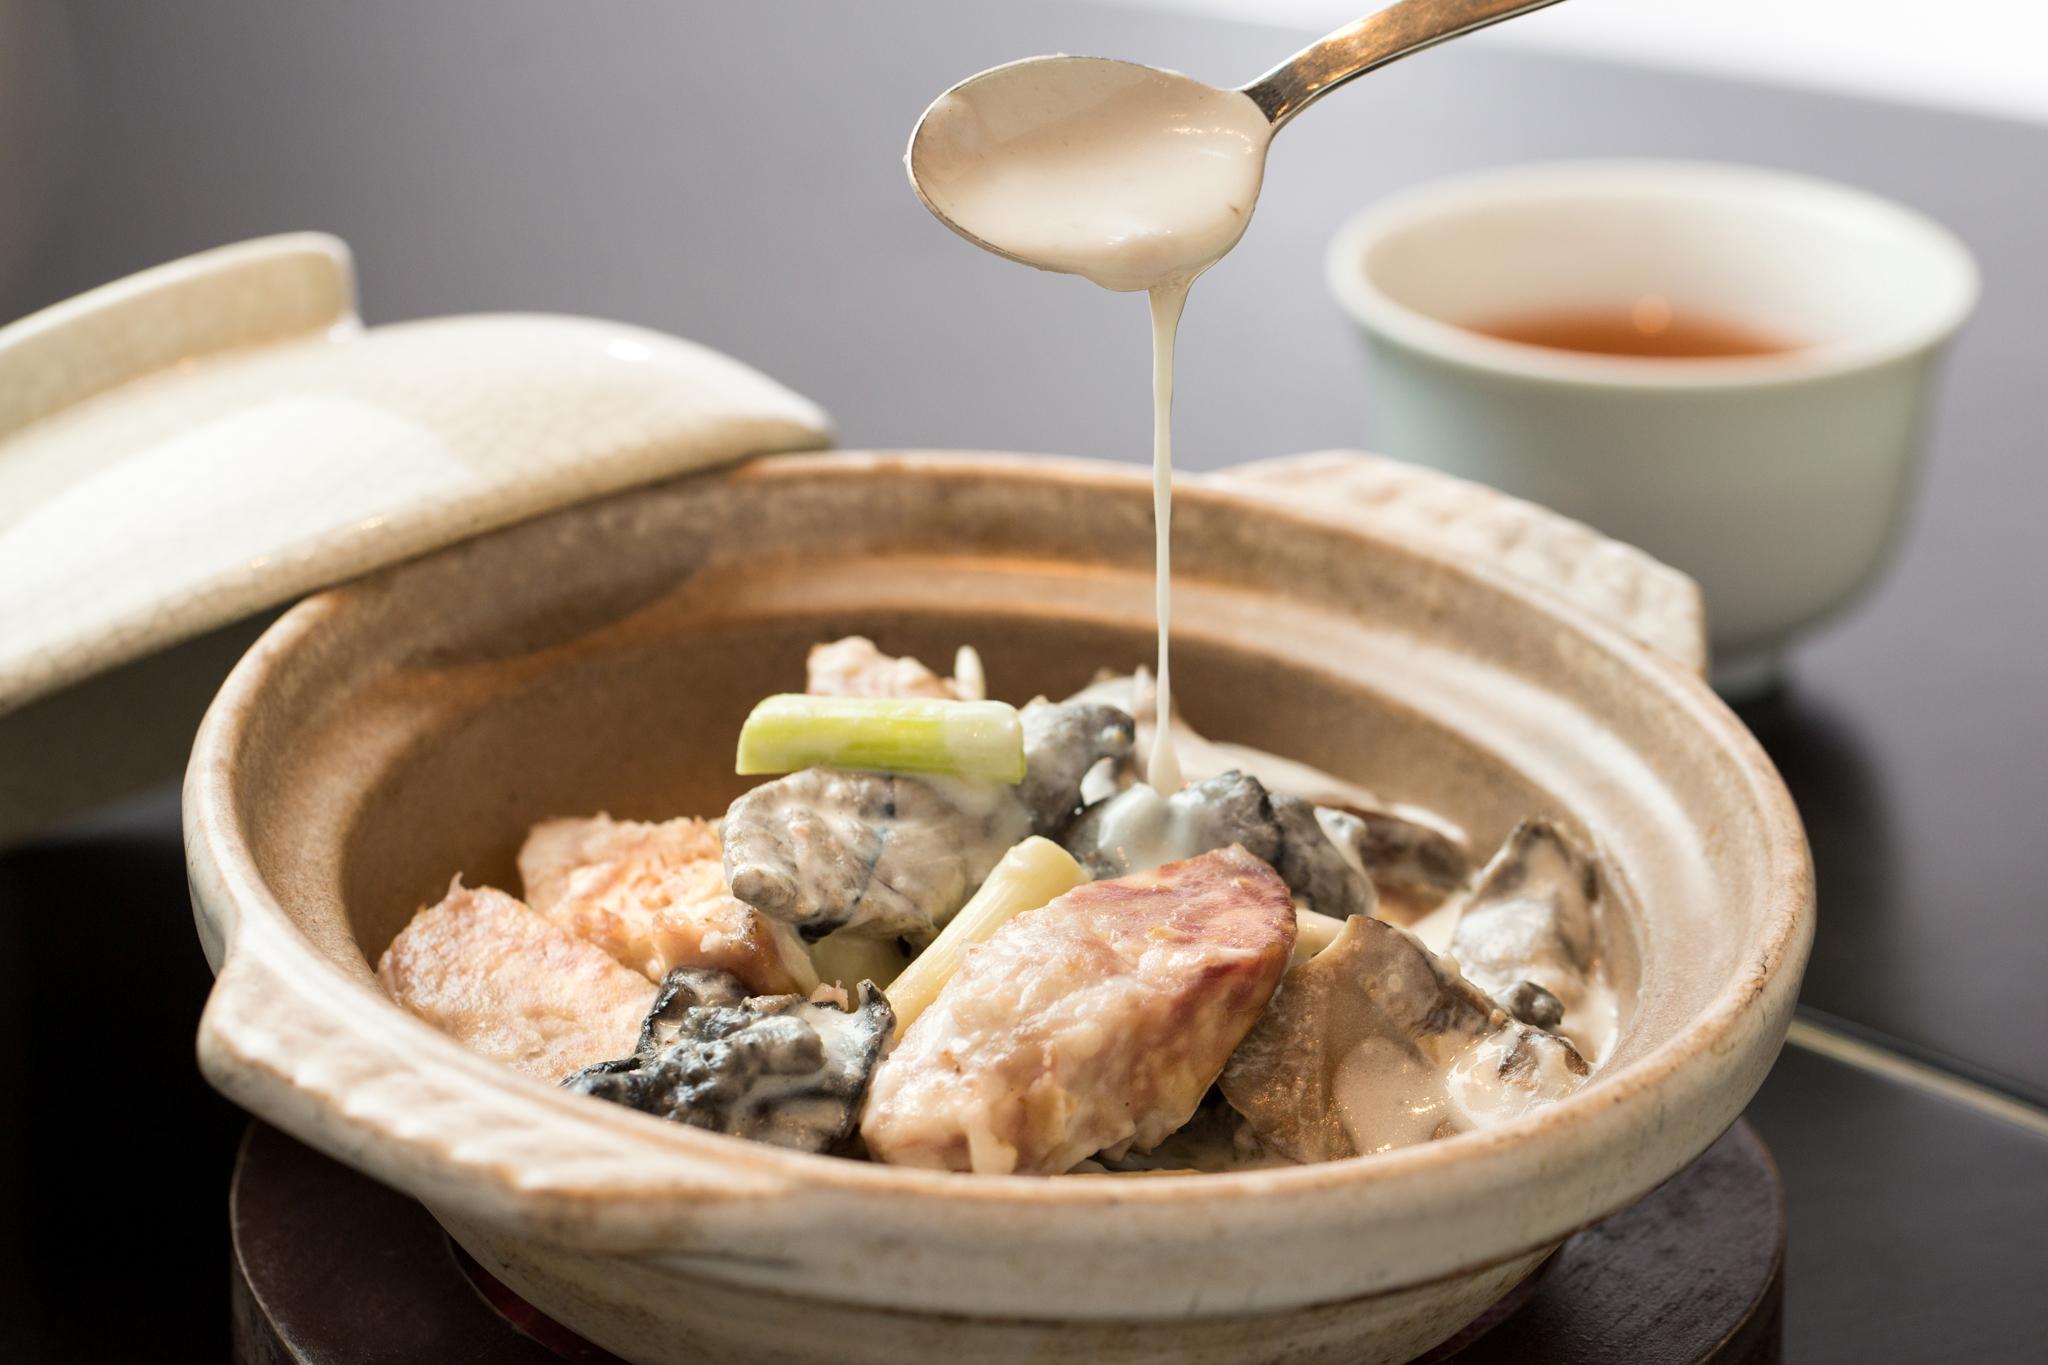 北菇芋奶雞煲 TWD580 滑嫩的竹絲雞、鬆軟綿密的芋頭和厚實多汁的北菇讓人不忍停口,是一道老少咸宜的美味佳餚。